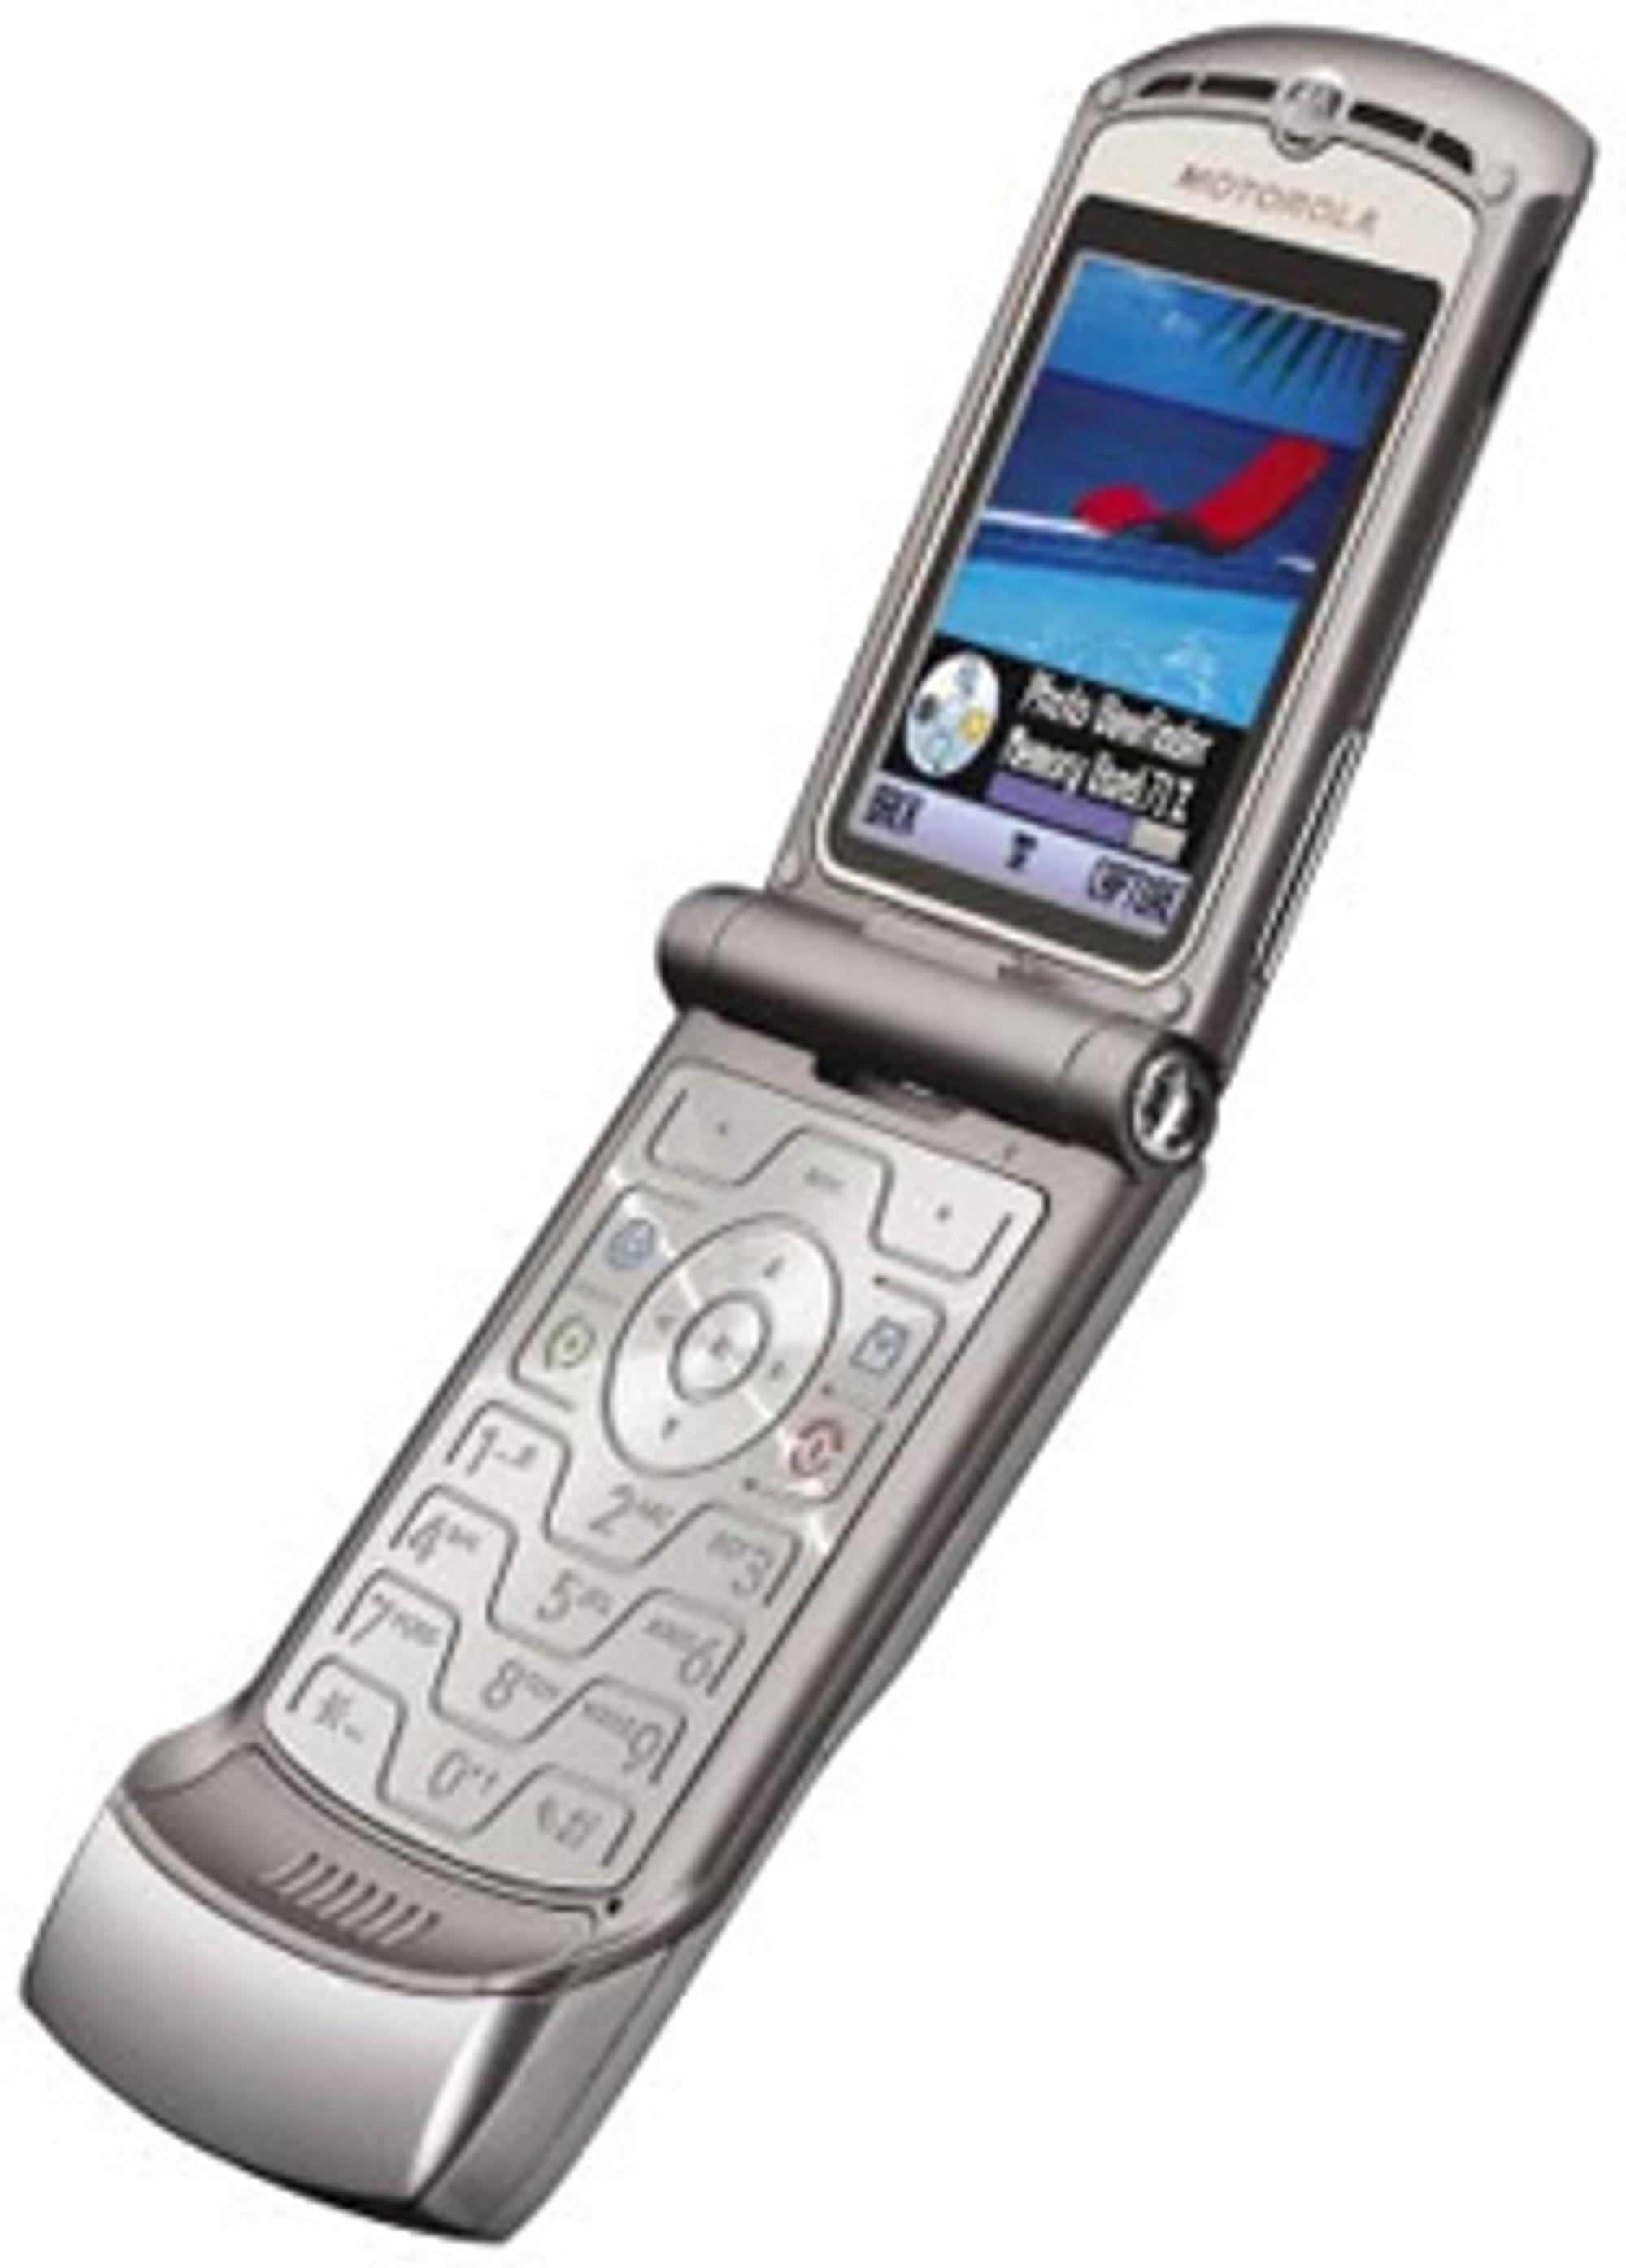 Razr var både grunnen til at det gikk bra for Motorola, og nå grunnen til at det går dårlig, skal vi tro Numair Faraz.